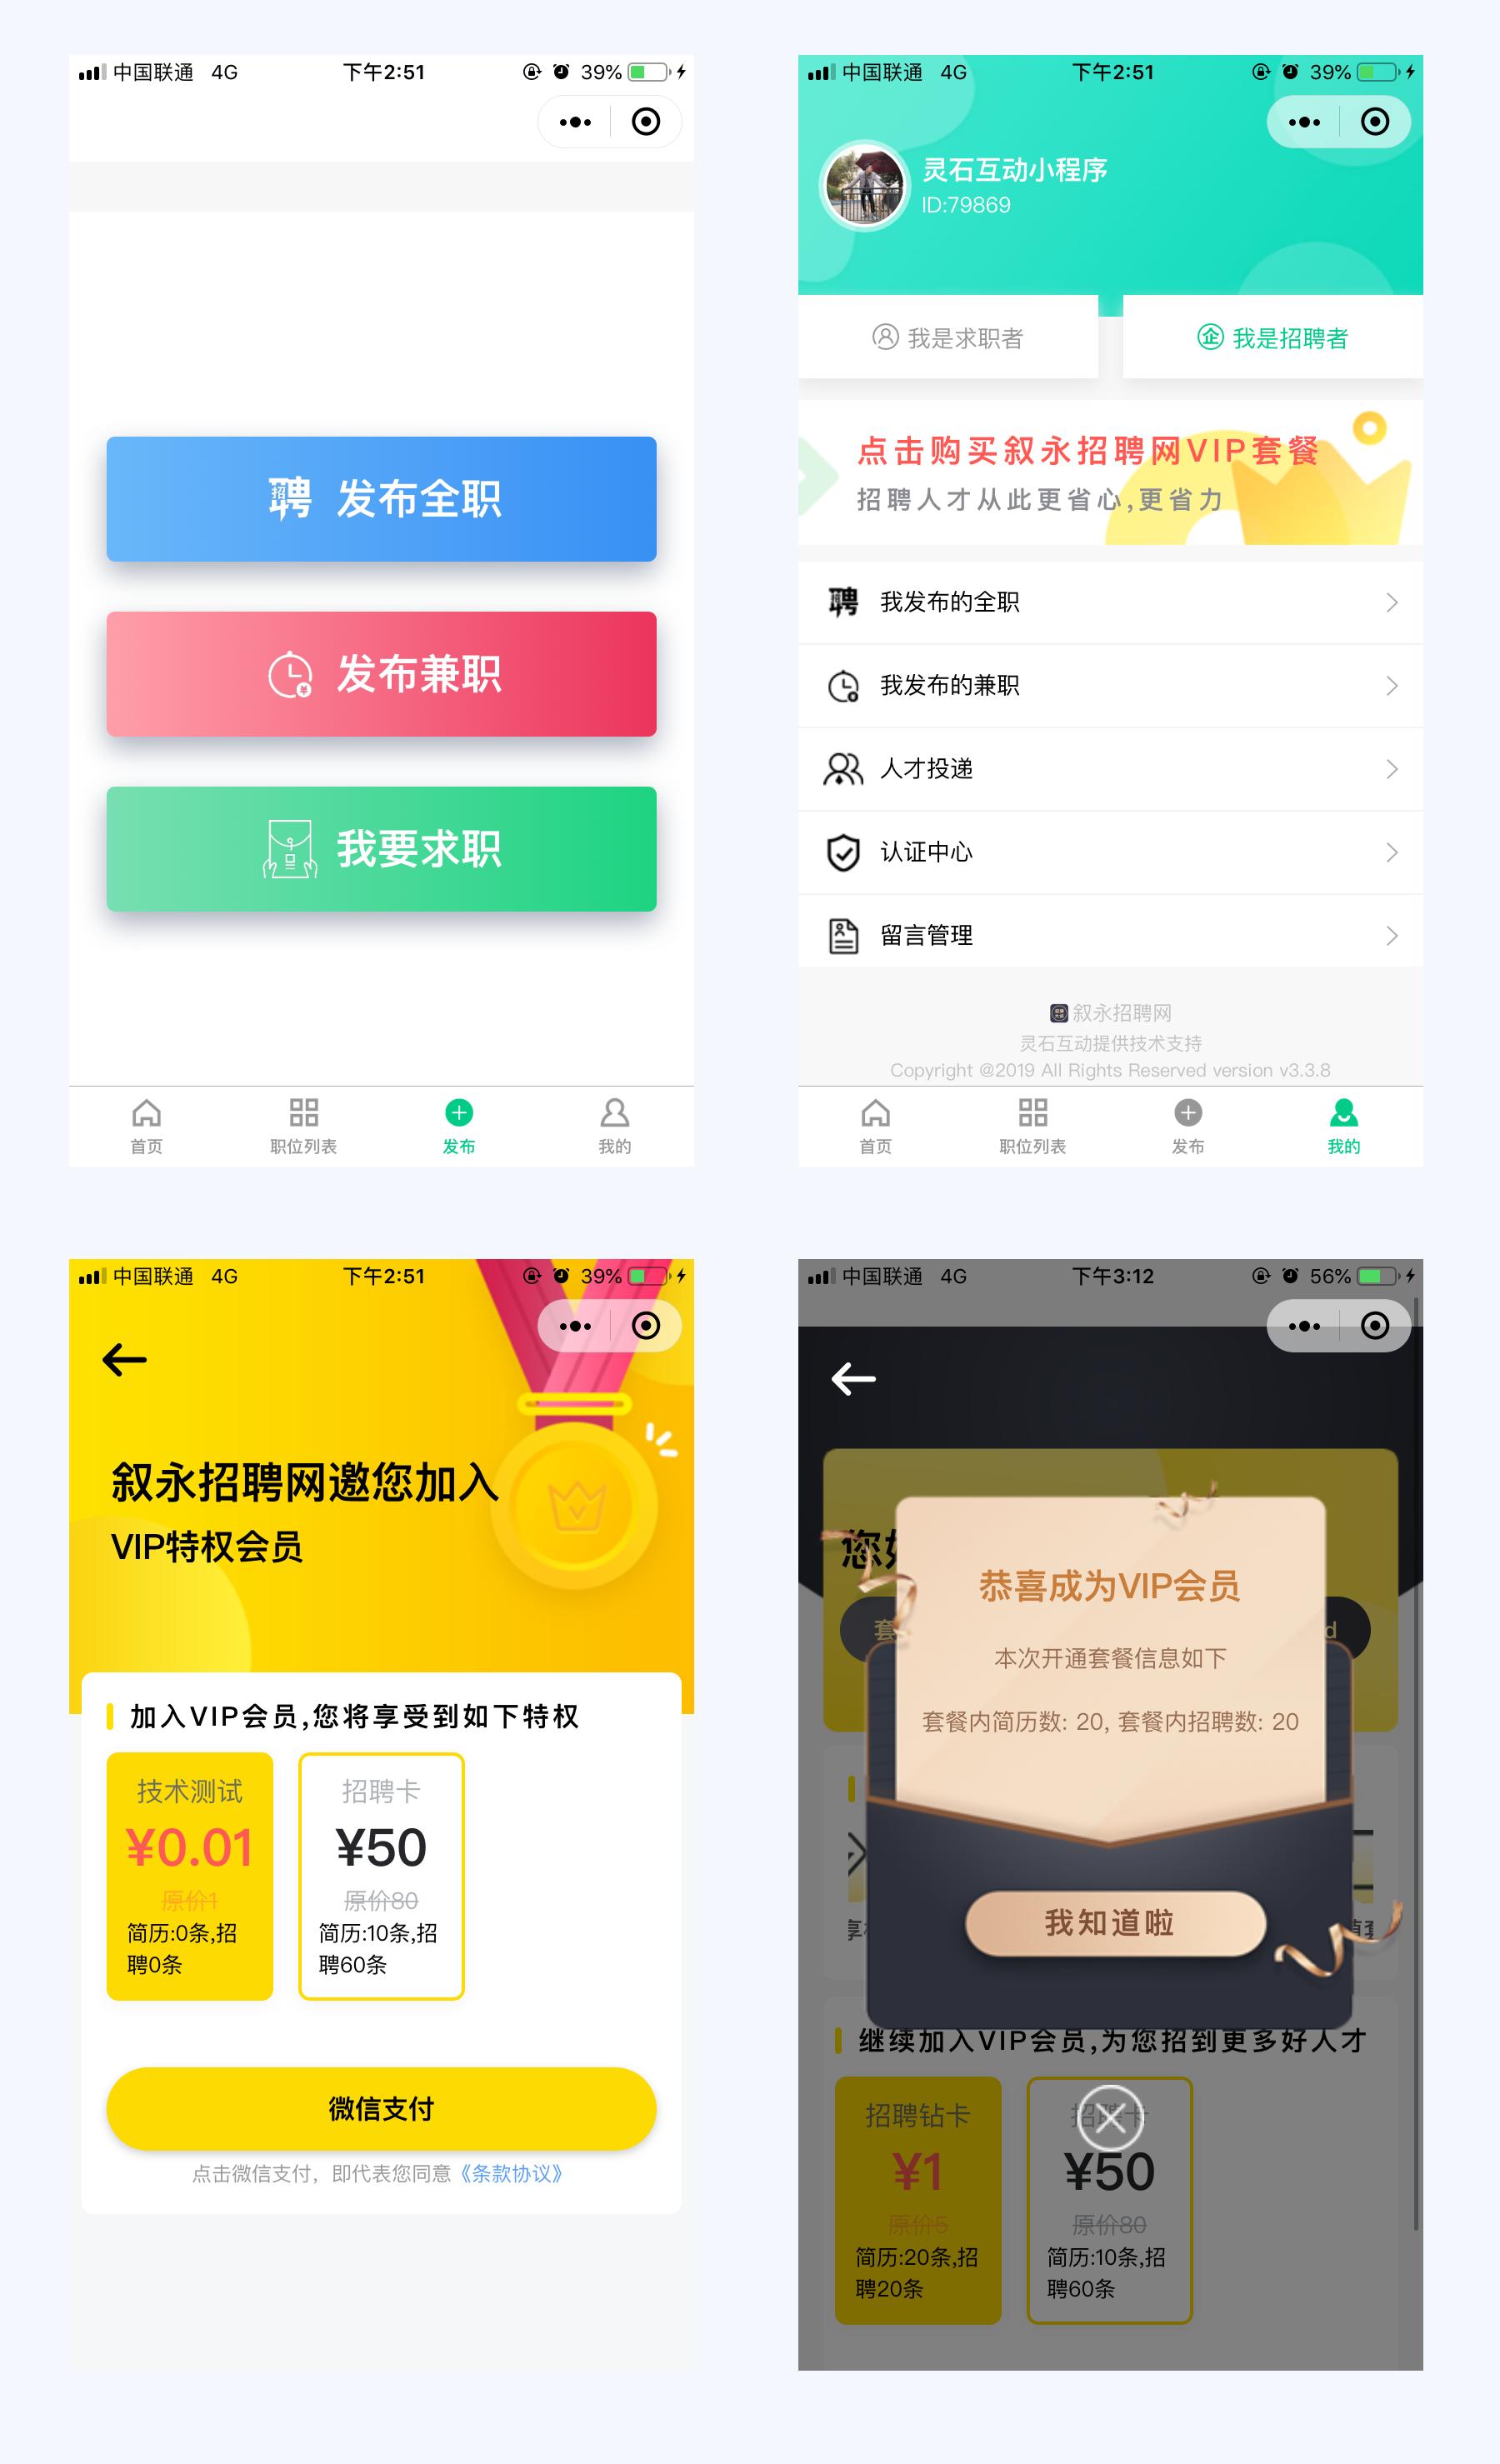 招聘UI展示_04.png